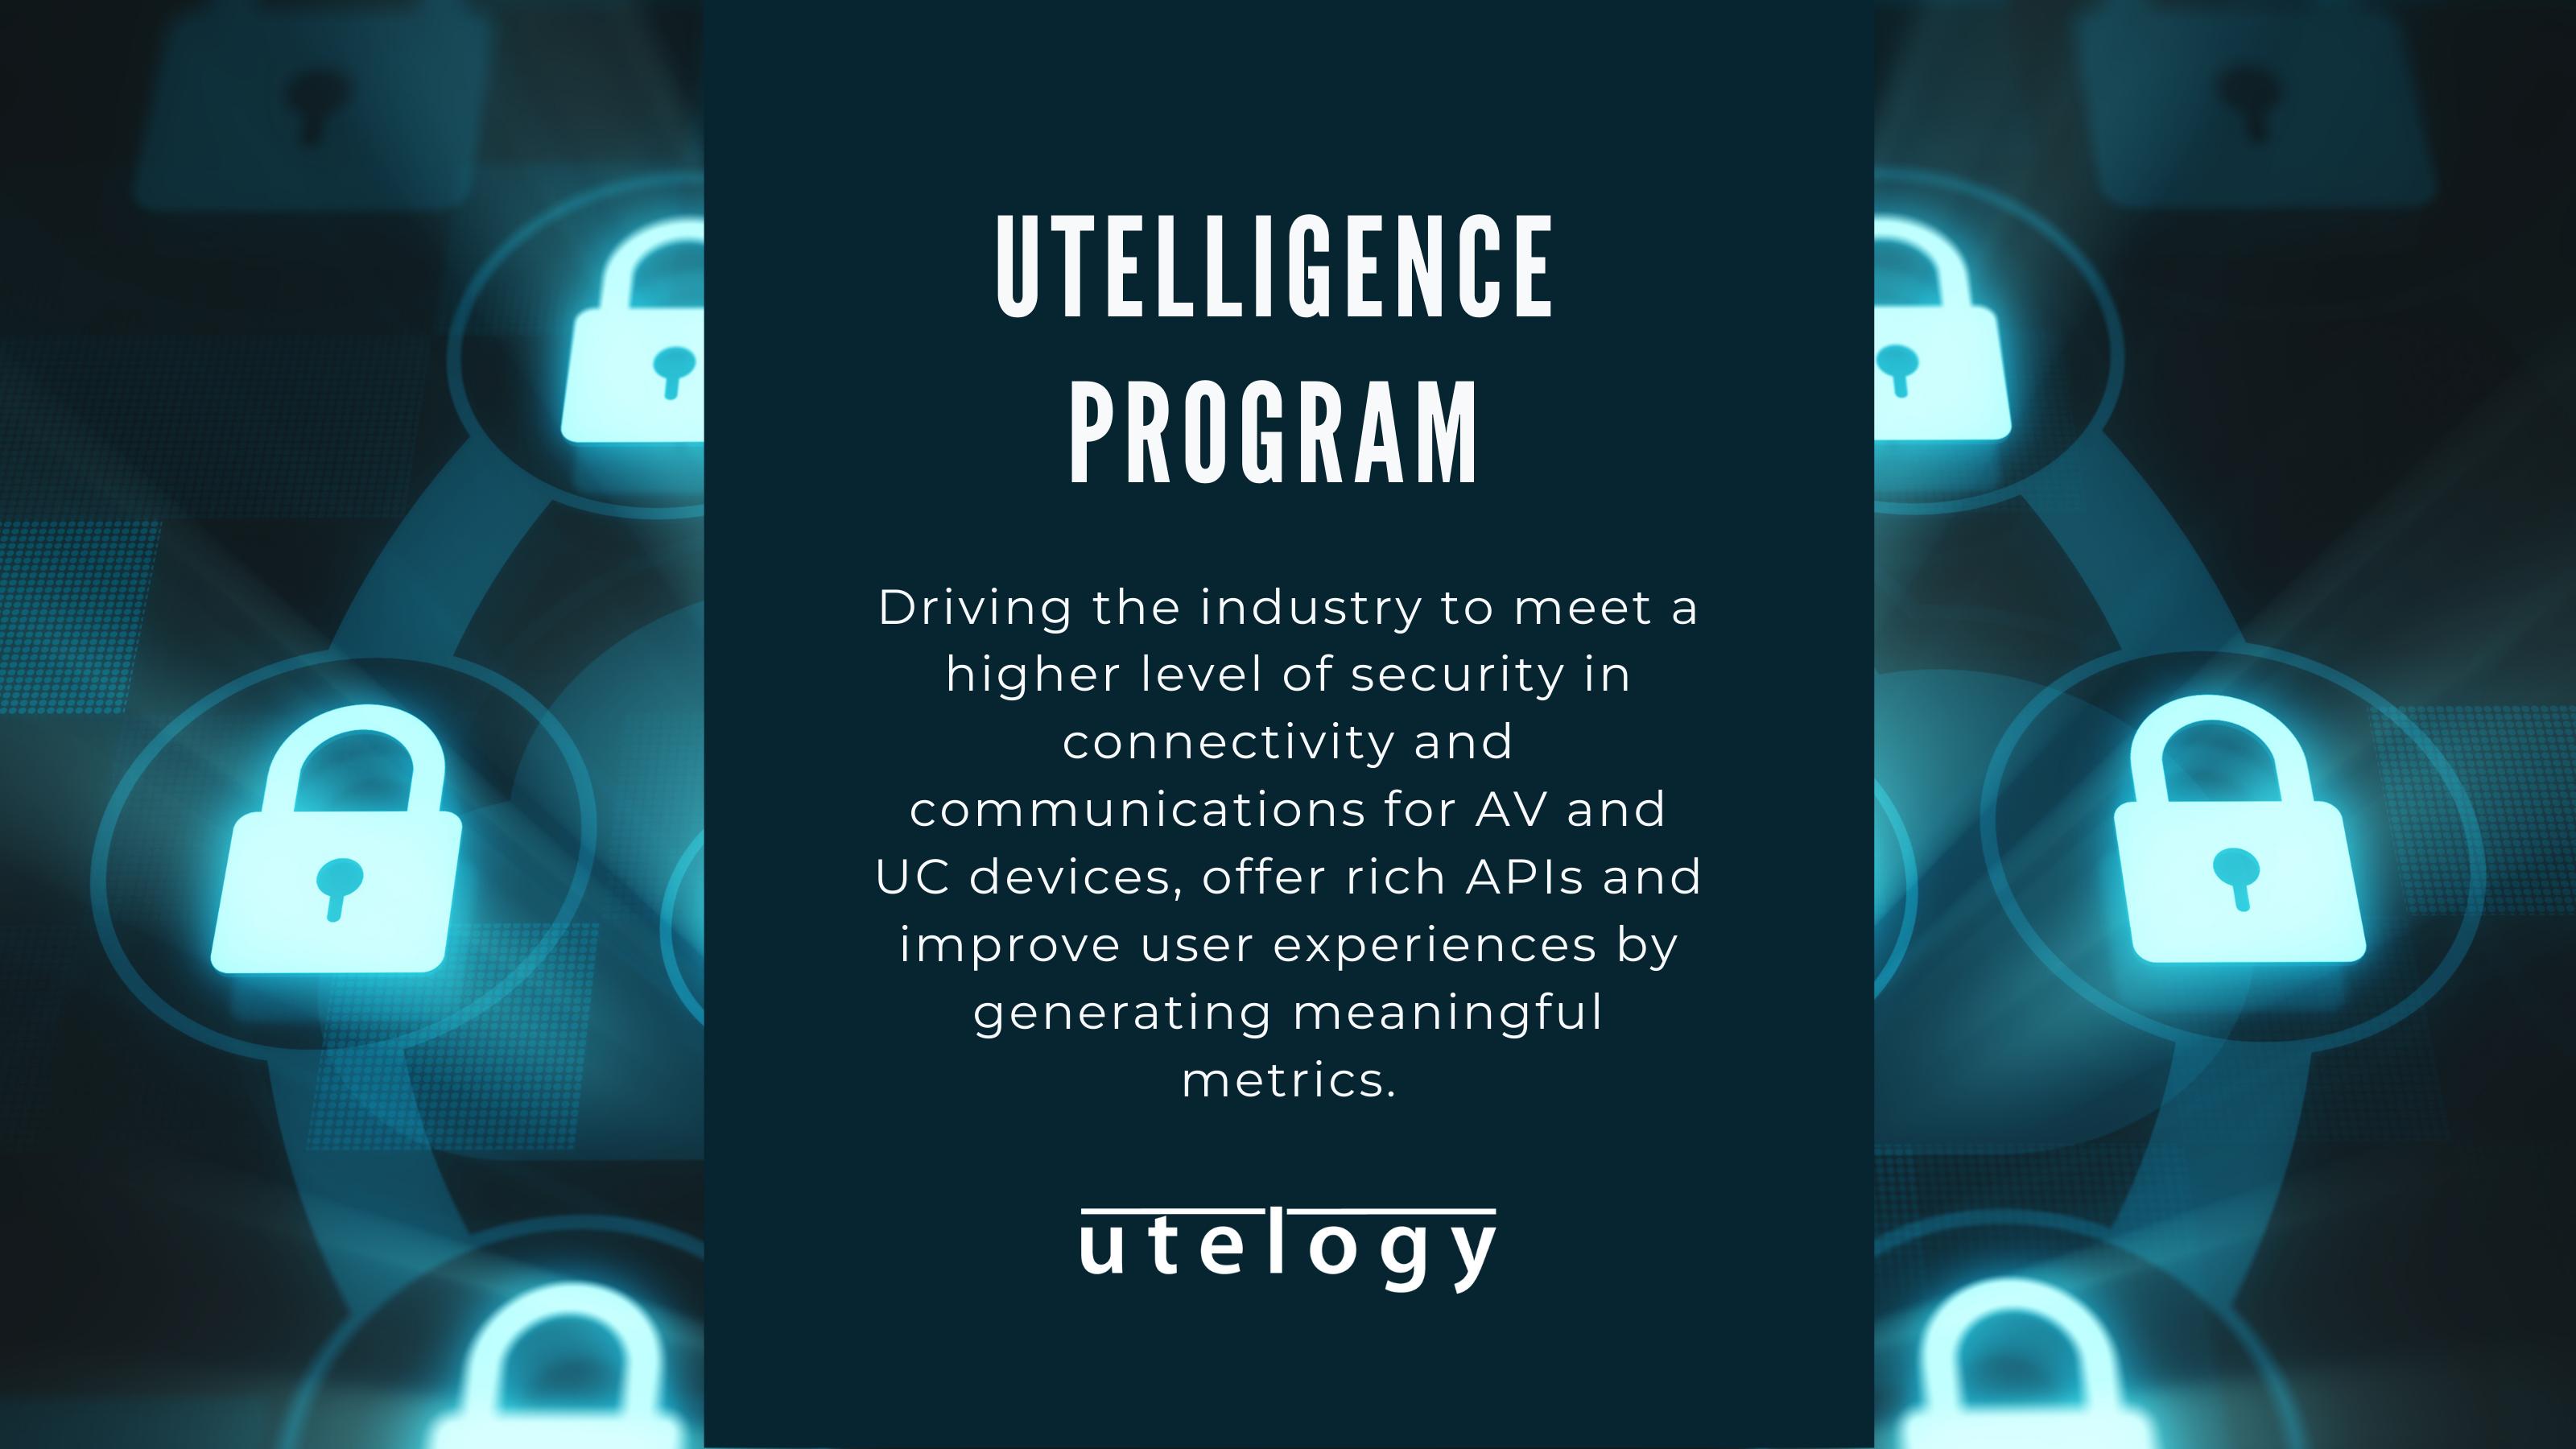 Utelogy launches Utelligence Program